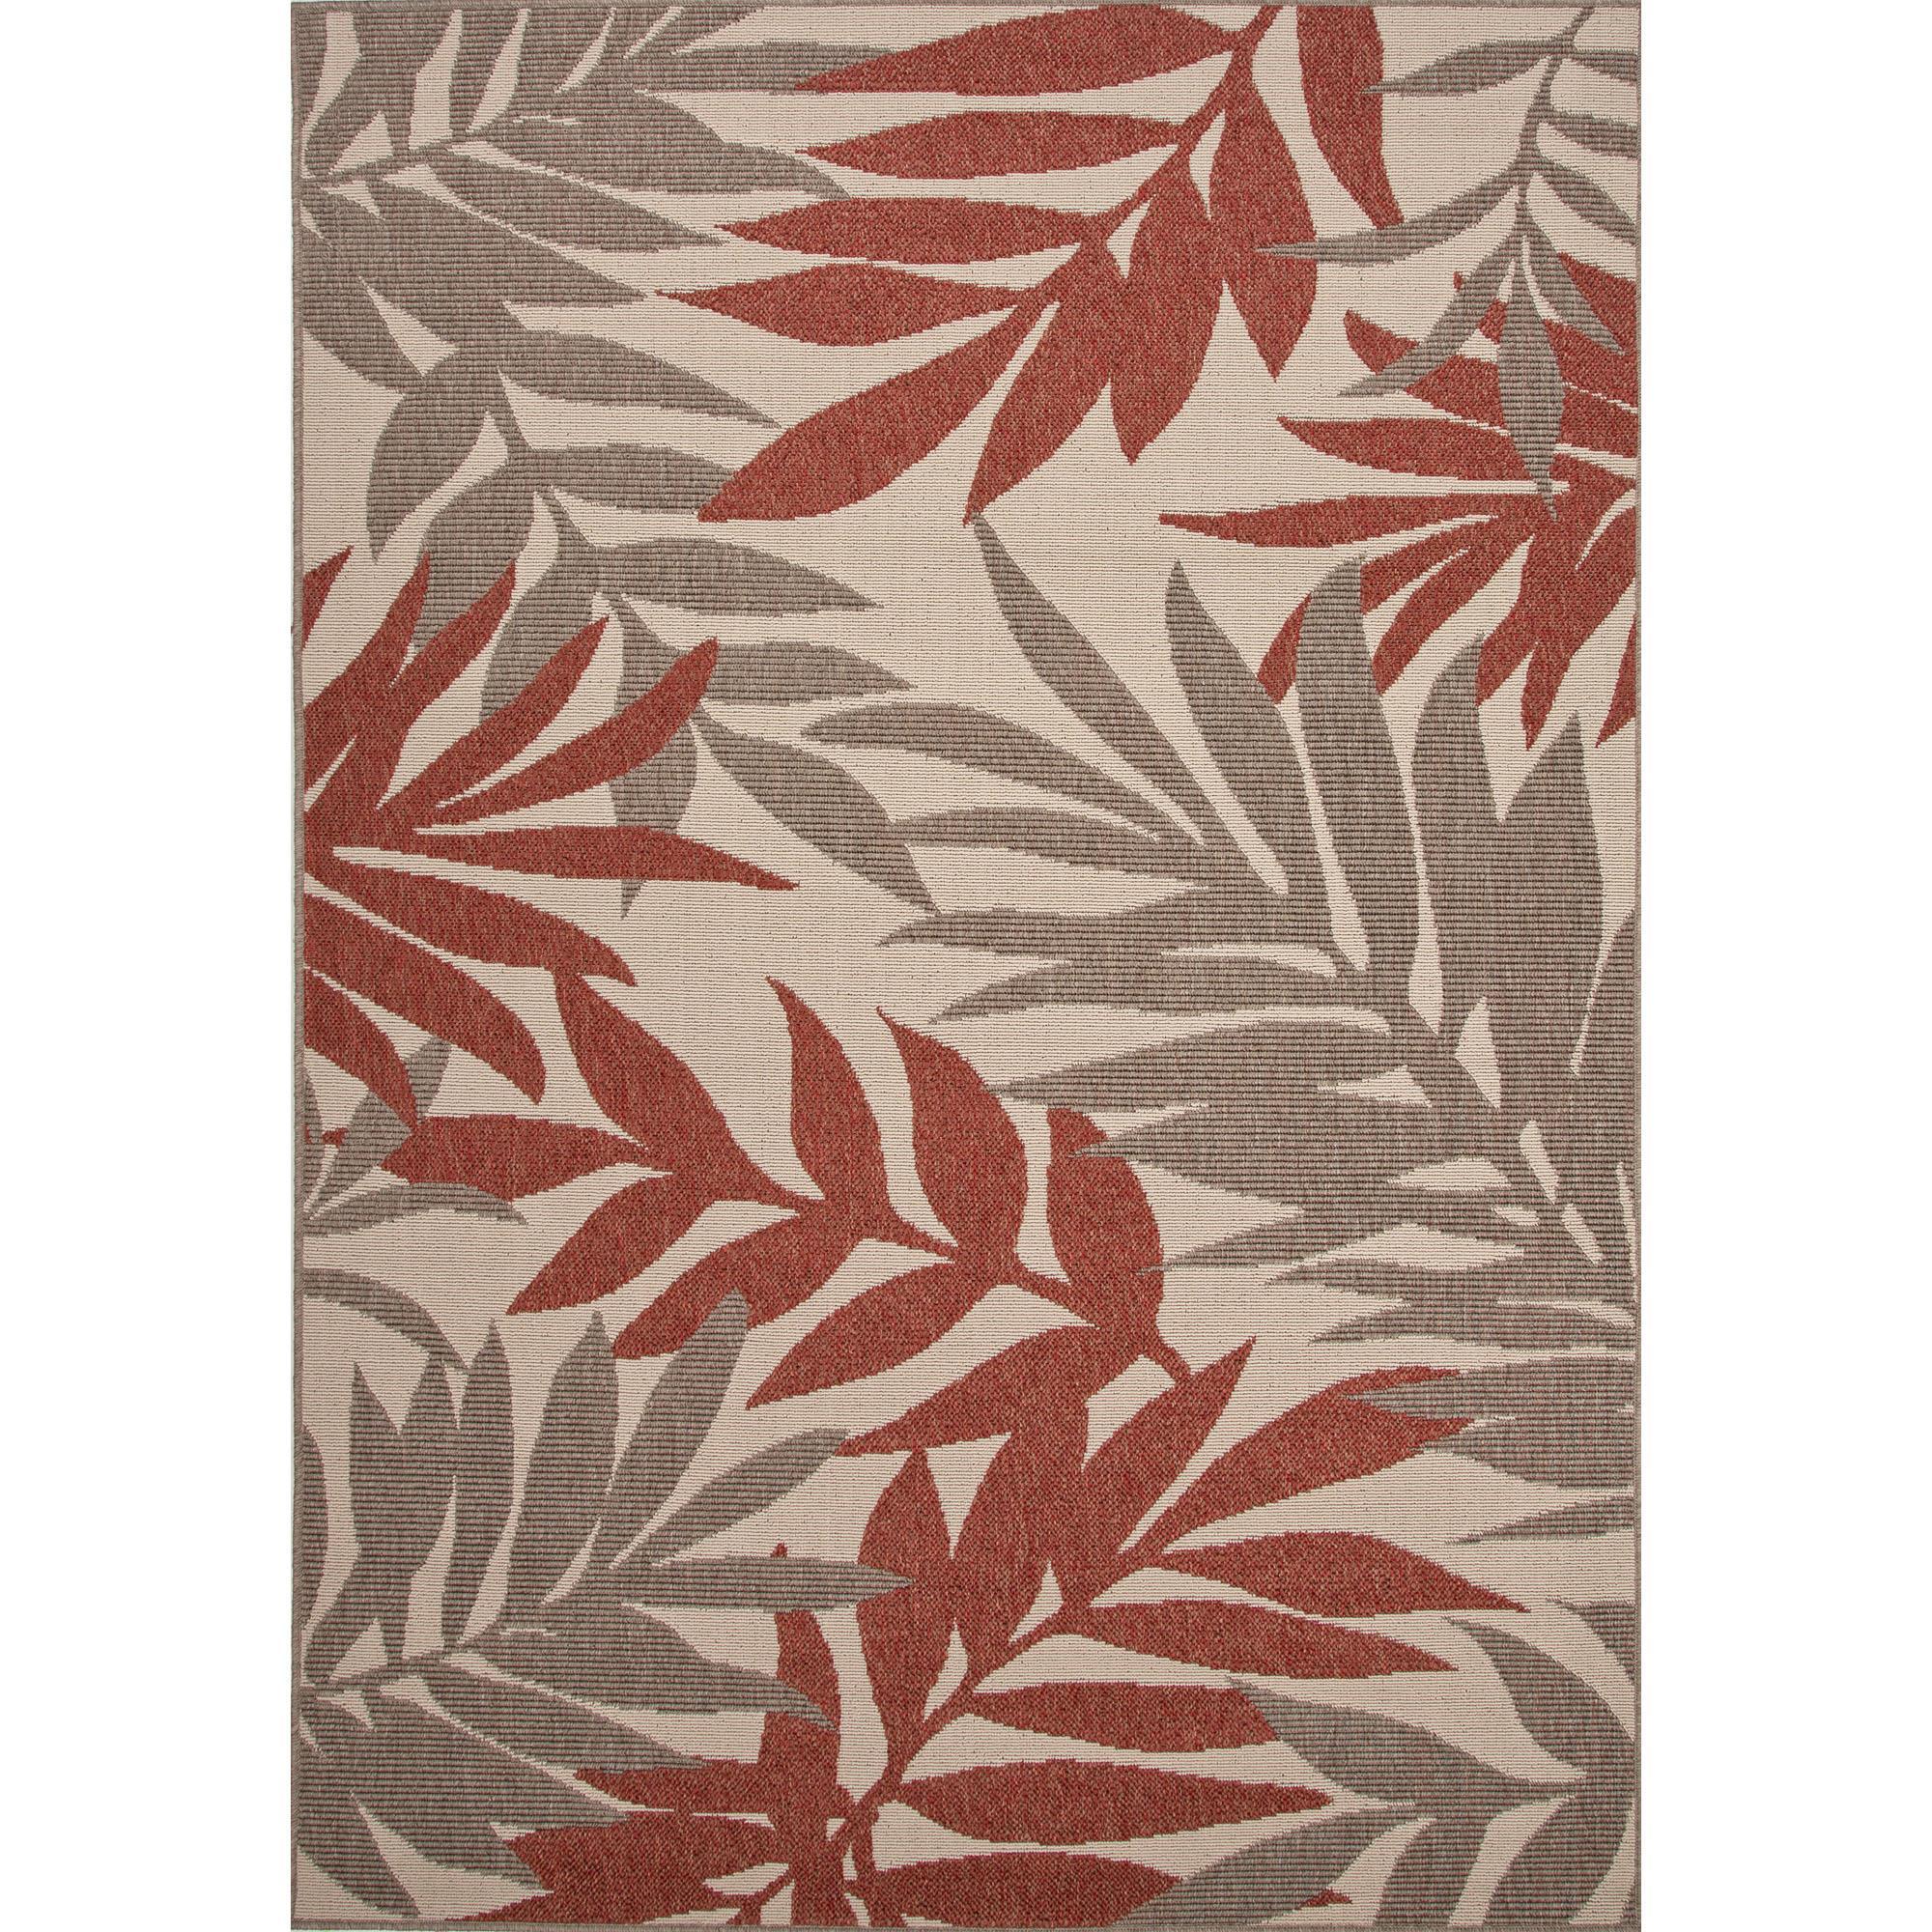 JAIPUR Rugs Bloom 4 x 5.3 Rug - Item Number: RUG121917